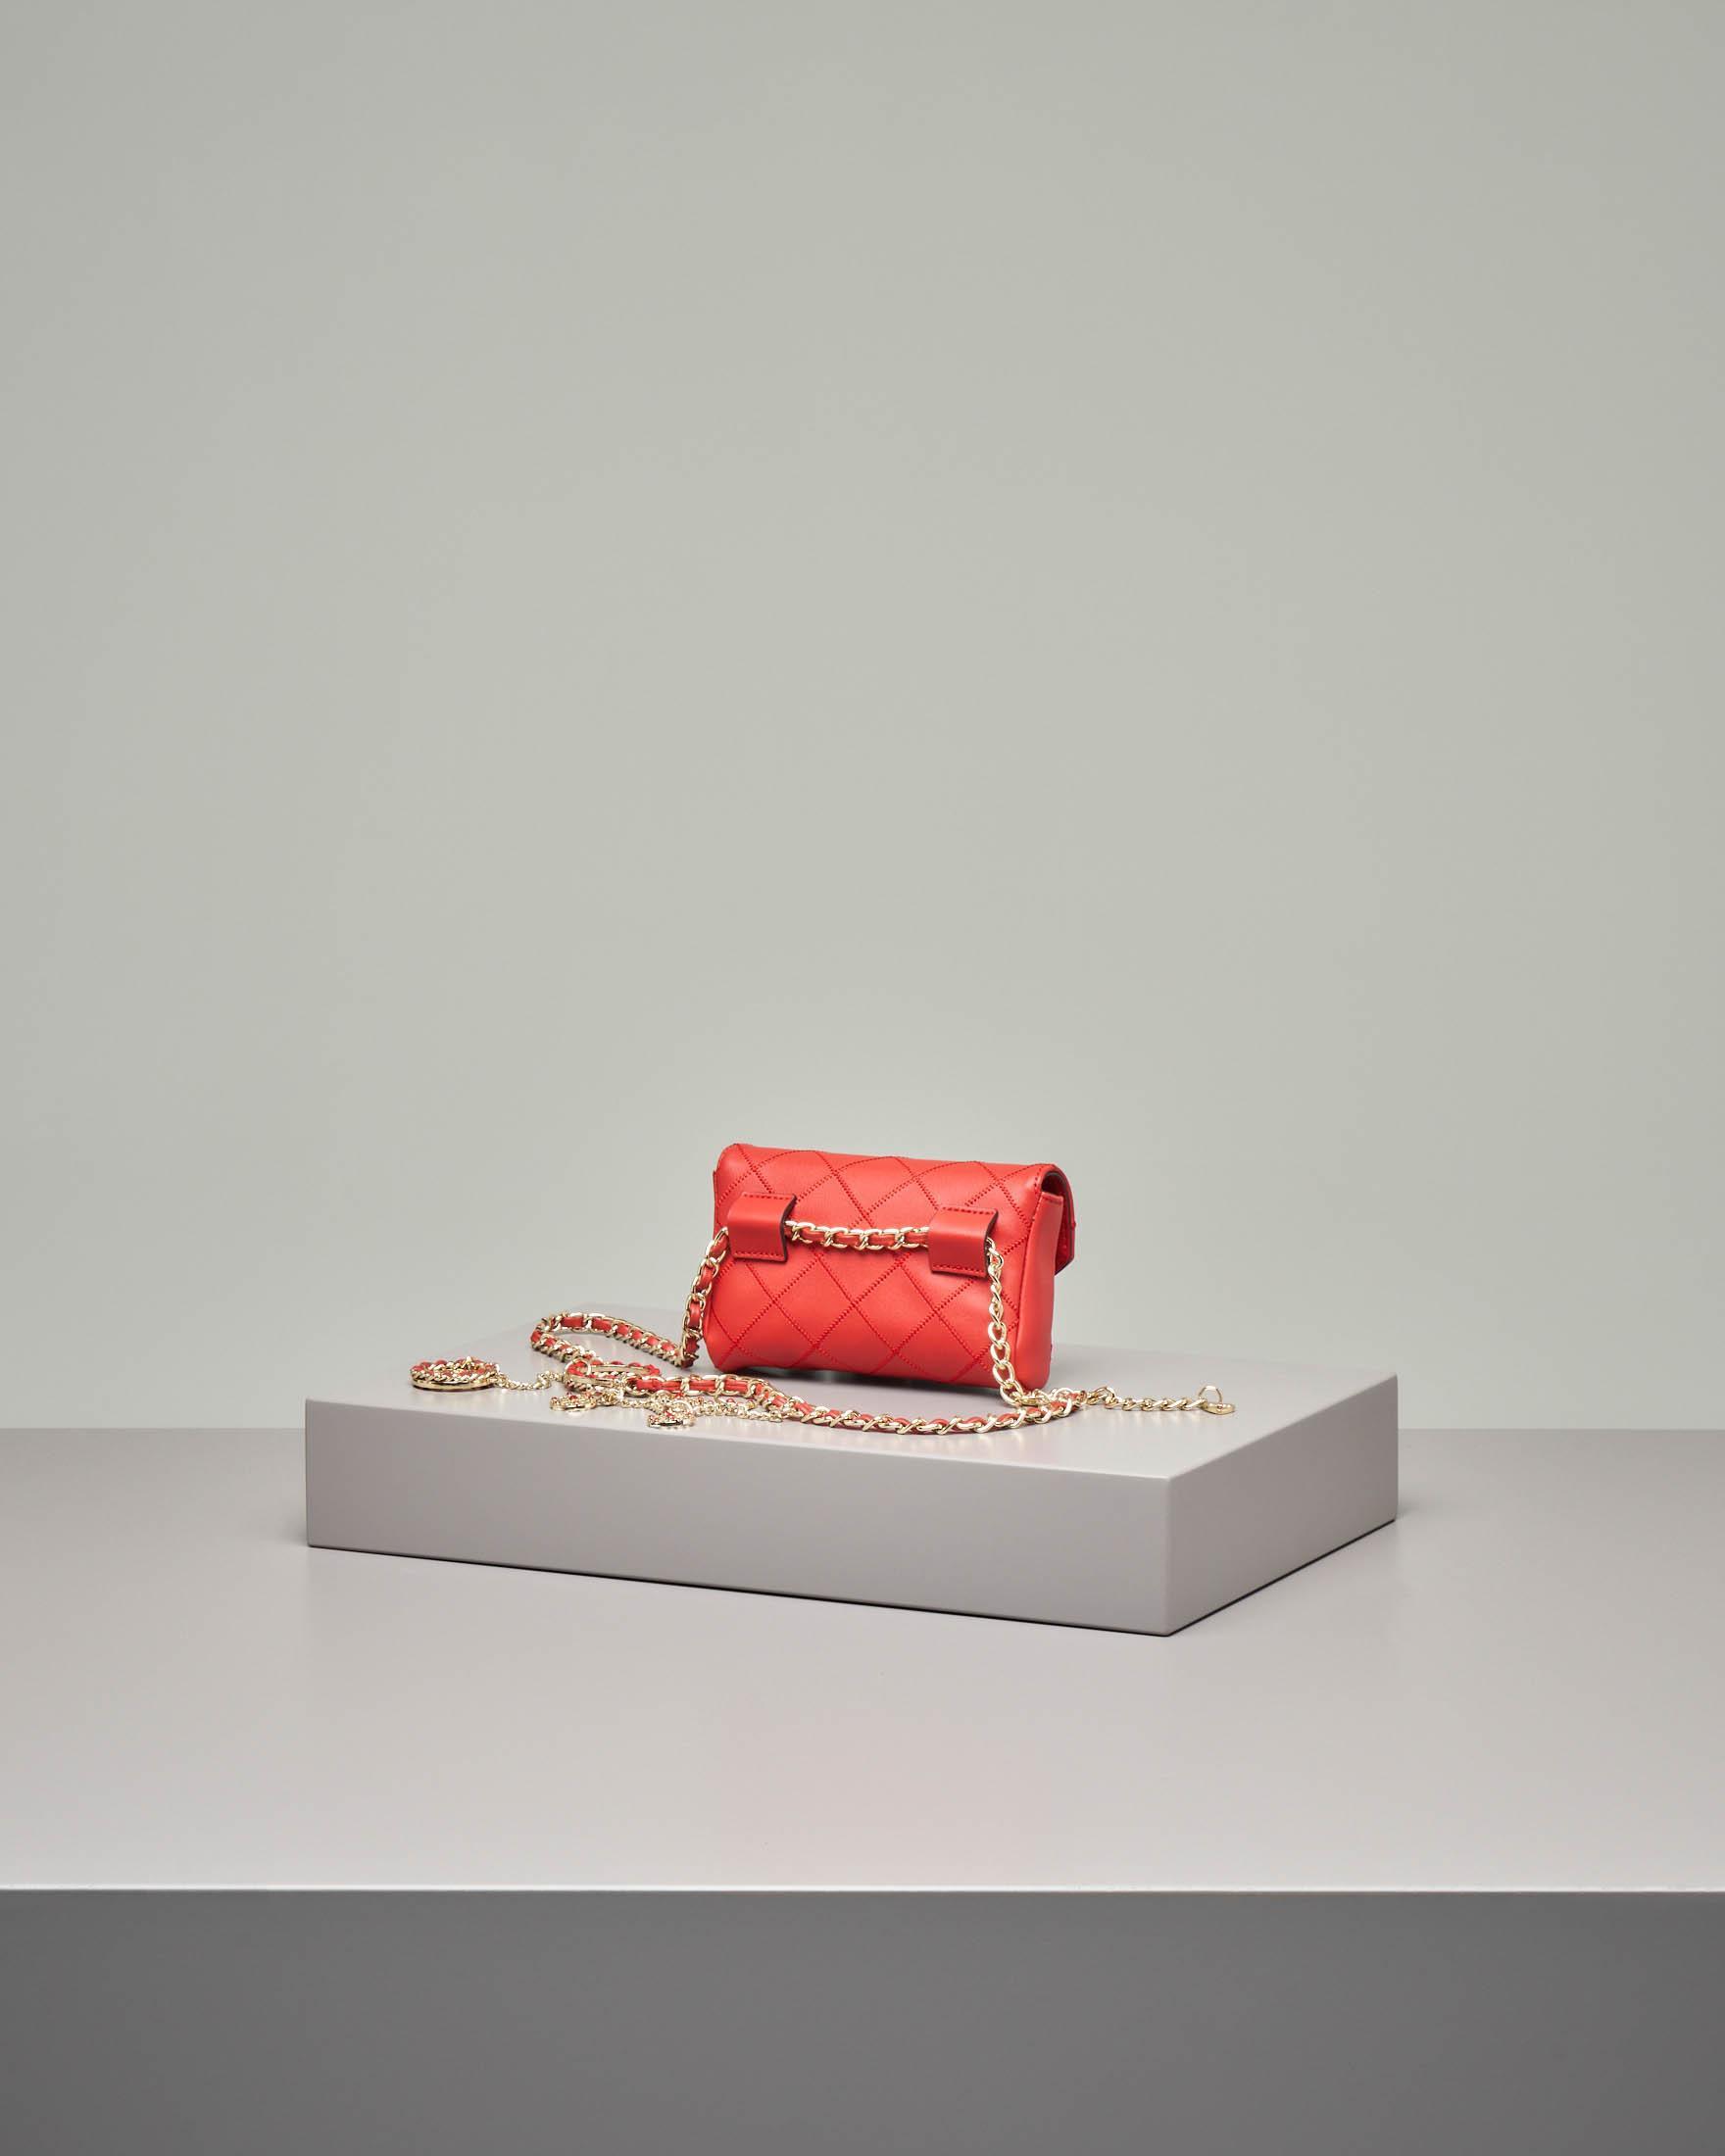 Maruspio rosso in ecopelle matelassè con profili a contrasto e cintura a catena con charms